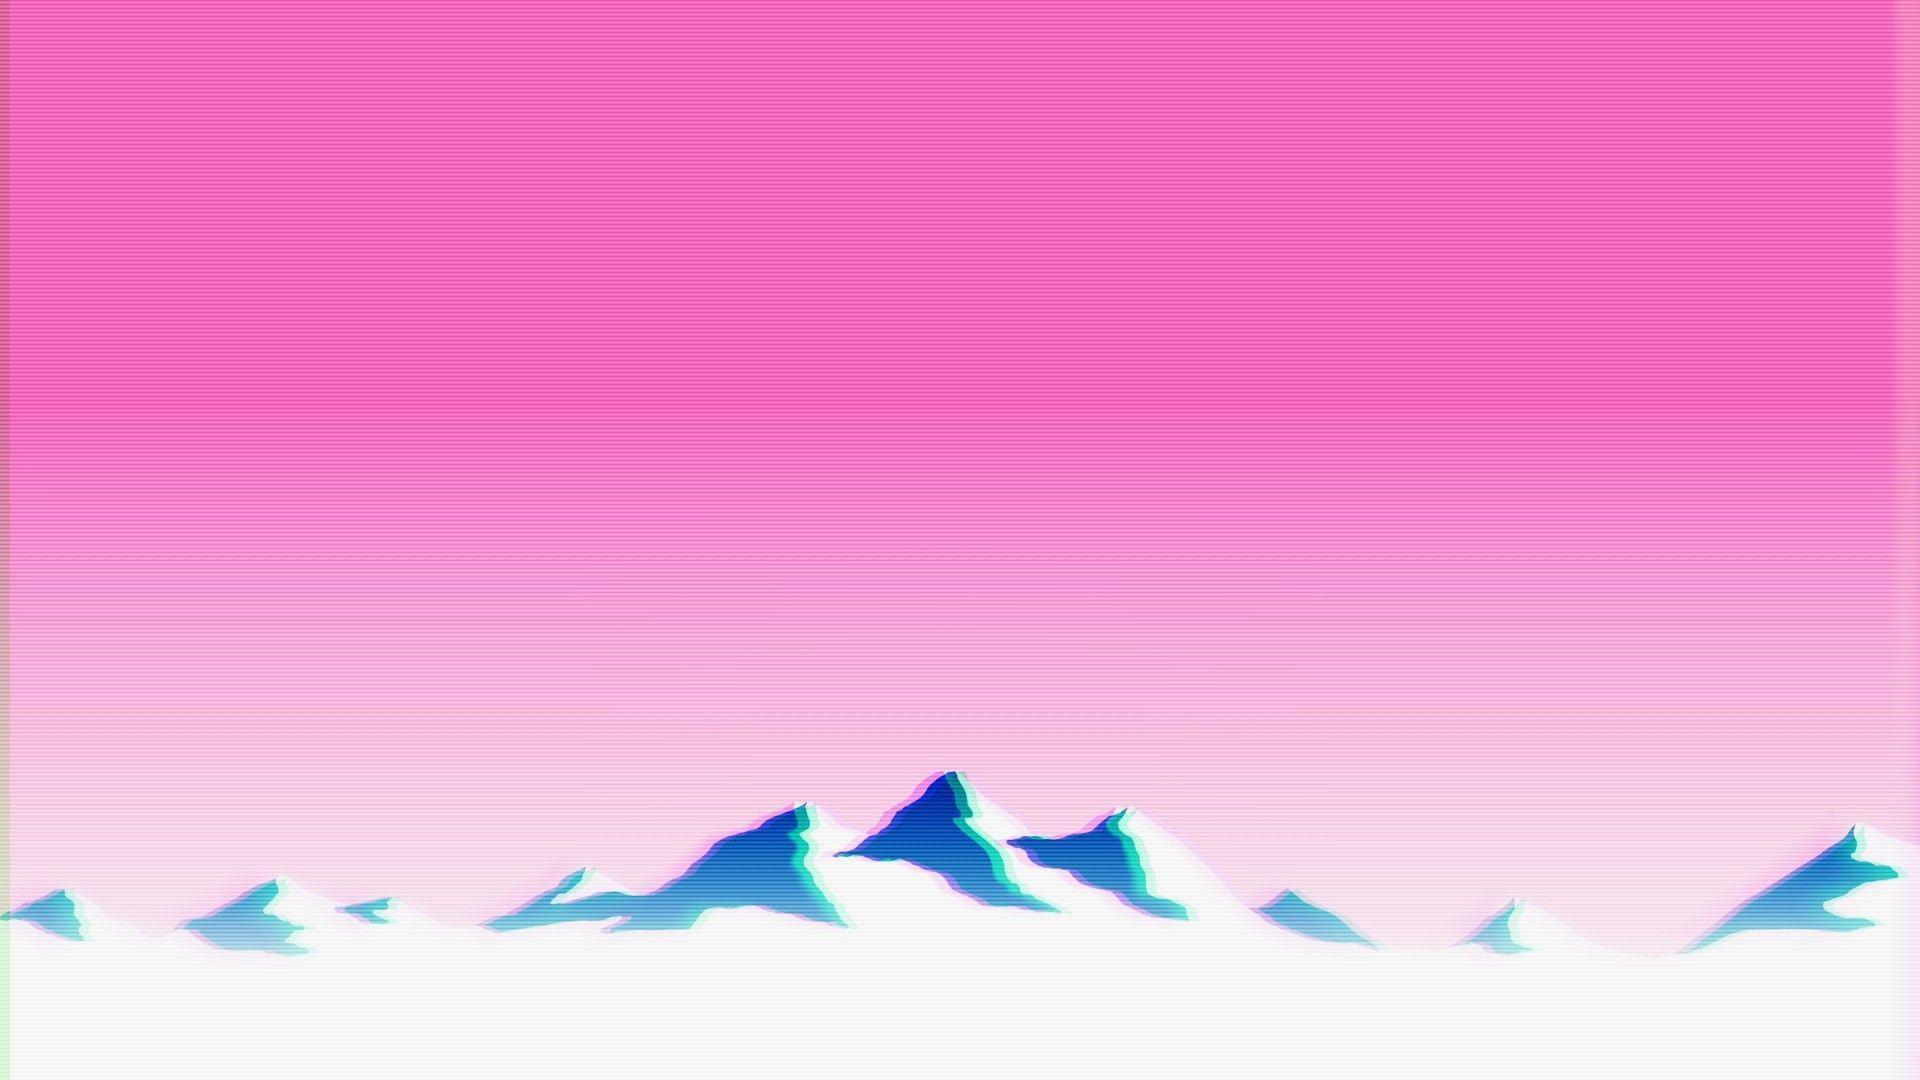 vaporwave aesthetic wallpaper